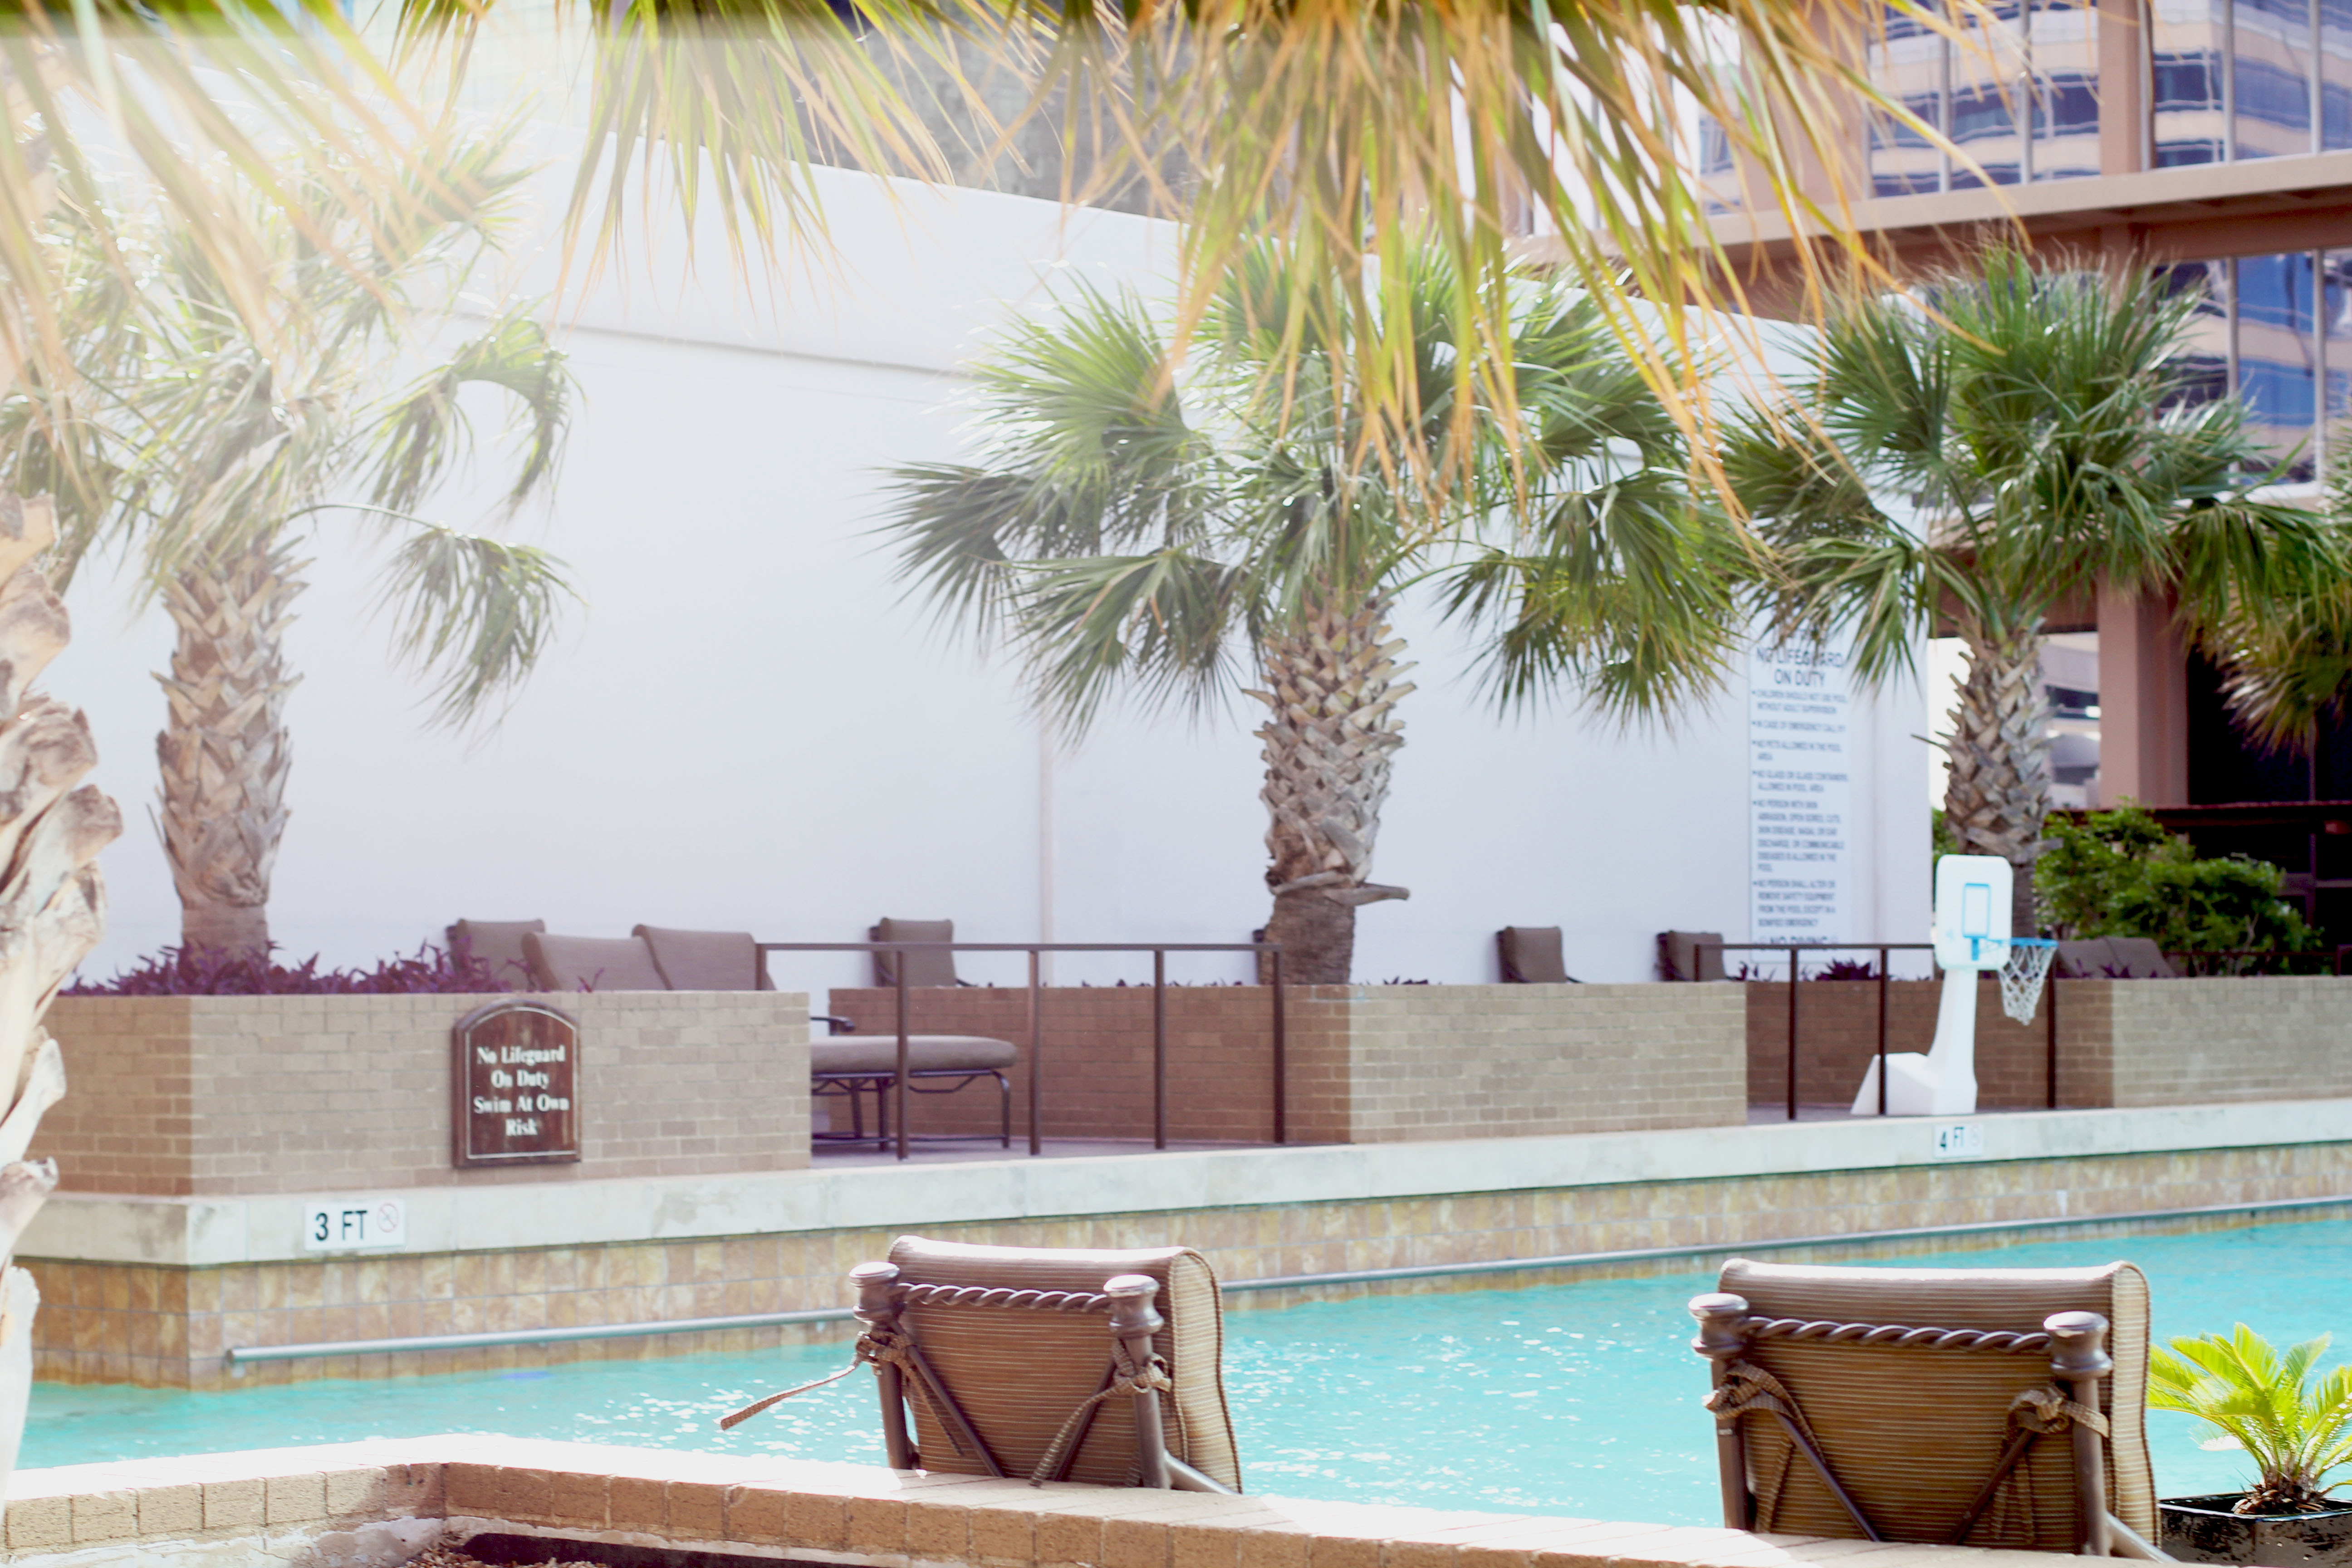 dallas luxury hotels mansion – benbie